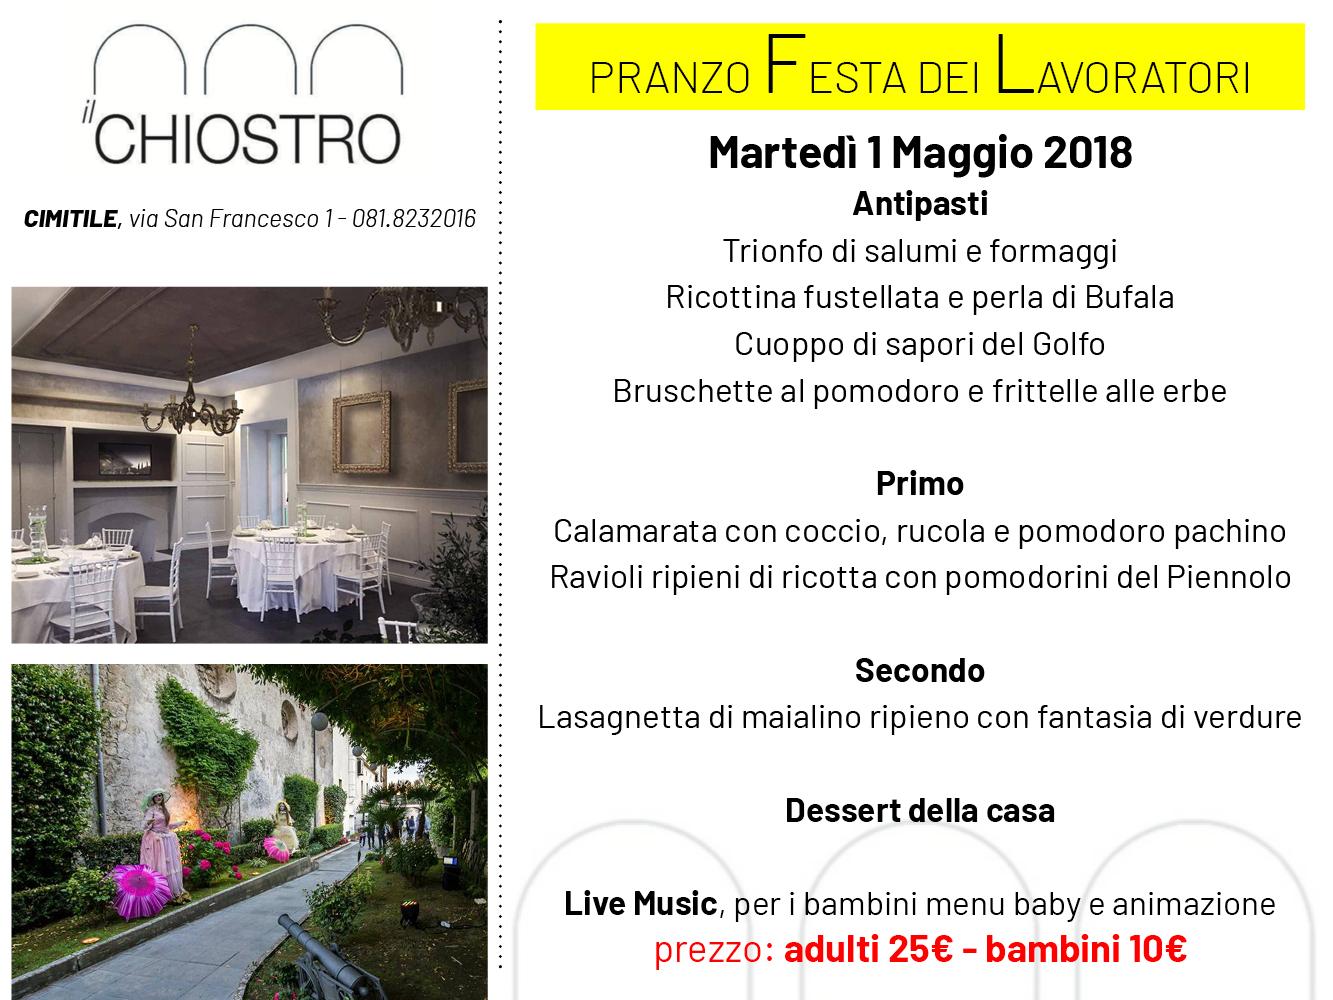 IL CHIOSTRO CIMITILE, martedì 1 maggio 2018 pranzo al Chiostro